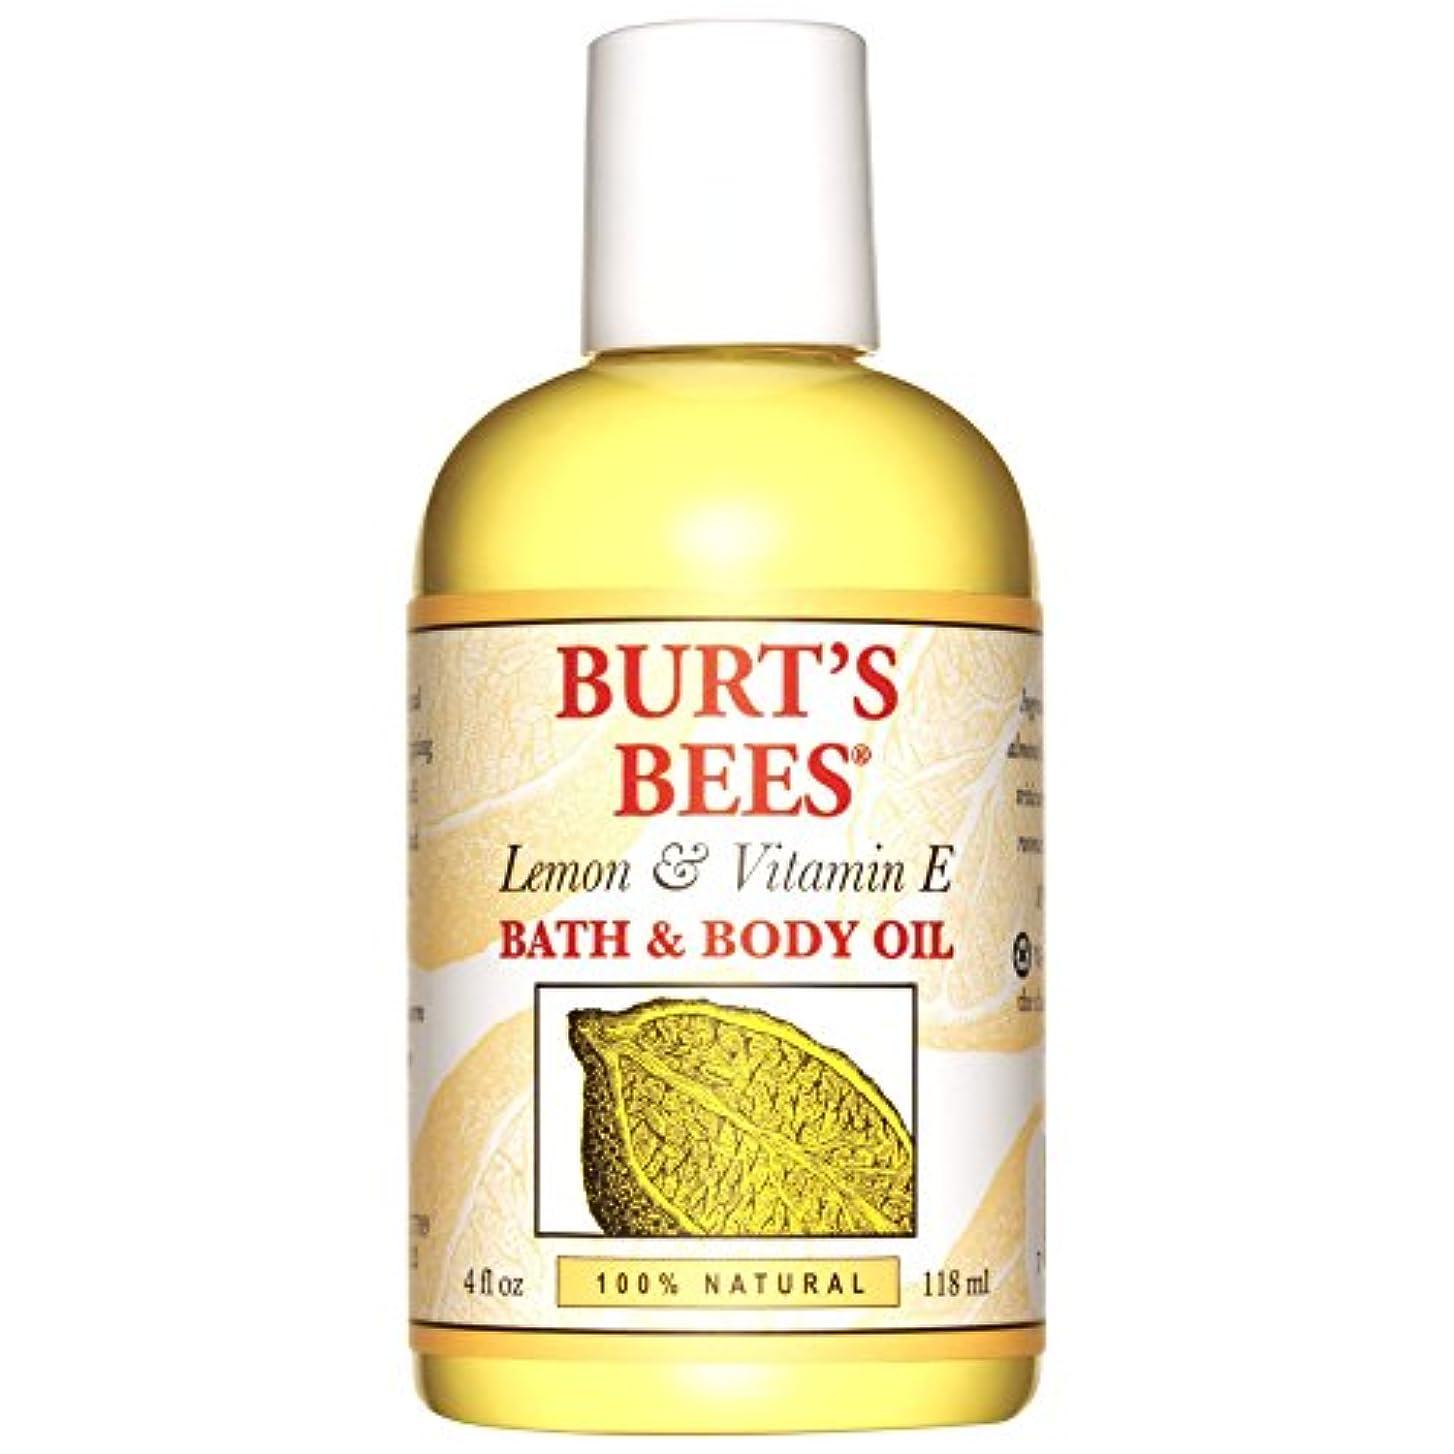 郵便局レビュアー真珠のようなバーツビーレモンとビタミンEバス、ボディオイル118ミリリットル (Burt's Bees) (x2) - Burt's Bees Lemon and Vitamin E Bath and Body Oil 118ml...